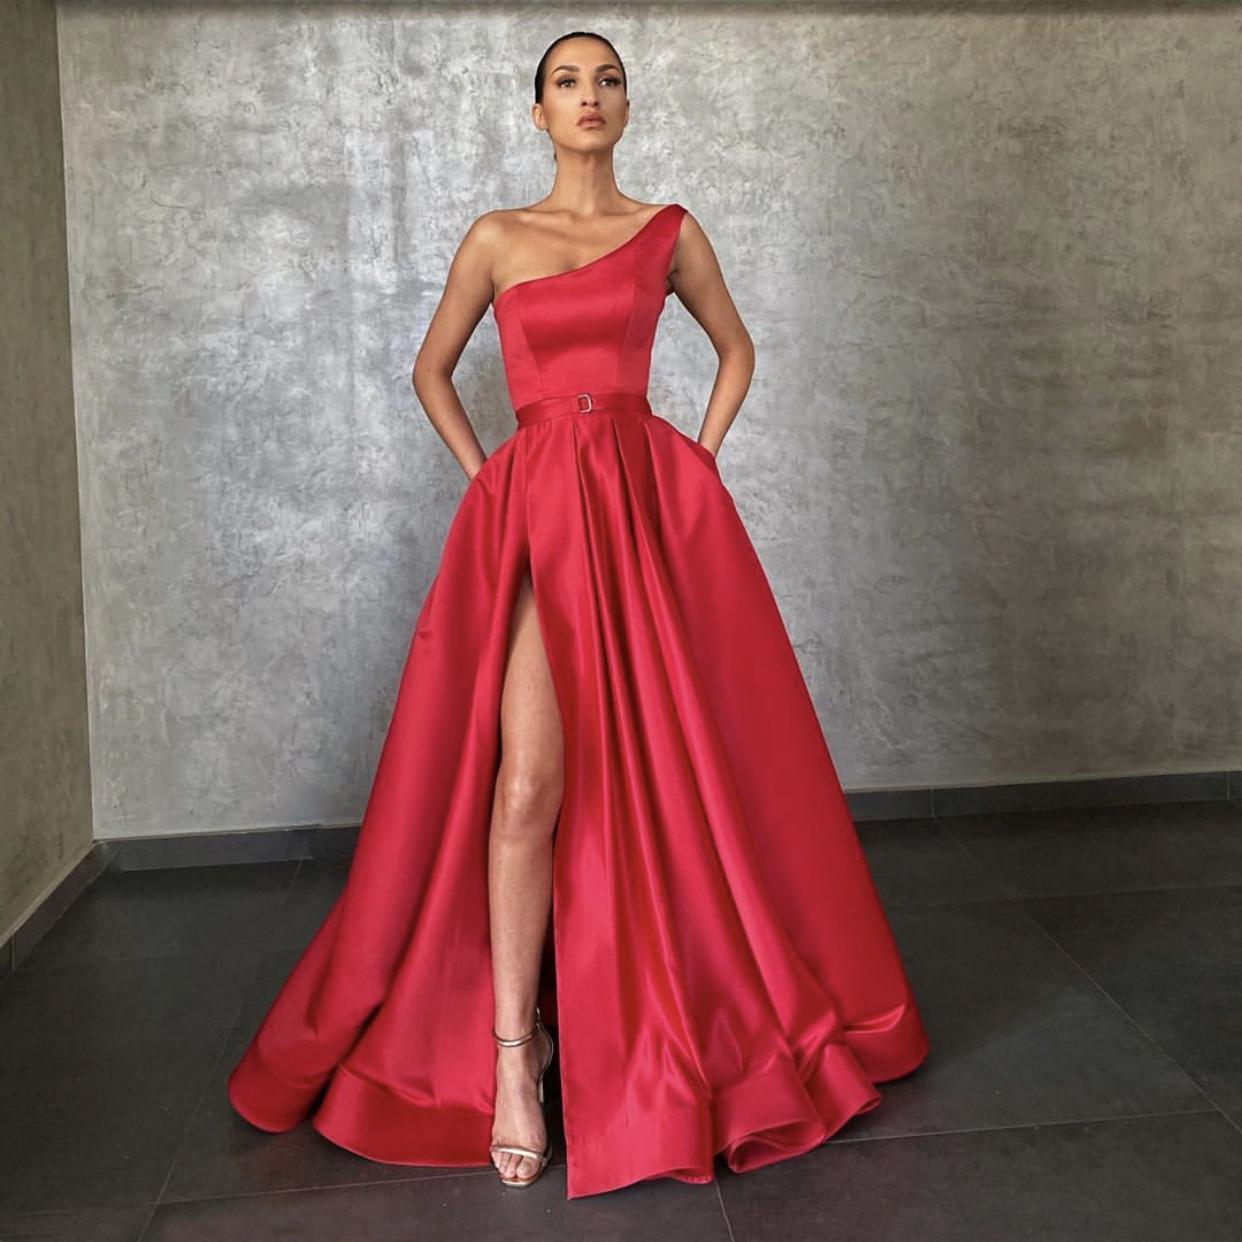 Kırmızı Abiye 2021 ile Dubai Orta Doğu Yüksek Bölünmüş Örgün Törenlerinde Parti Balo Elbise Kanat Artı Boyutu Vestidos De Festa Kırmızı Halı